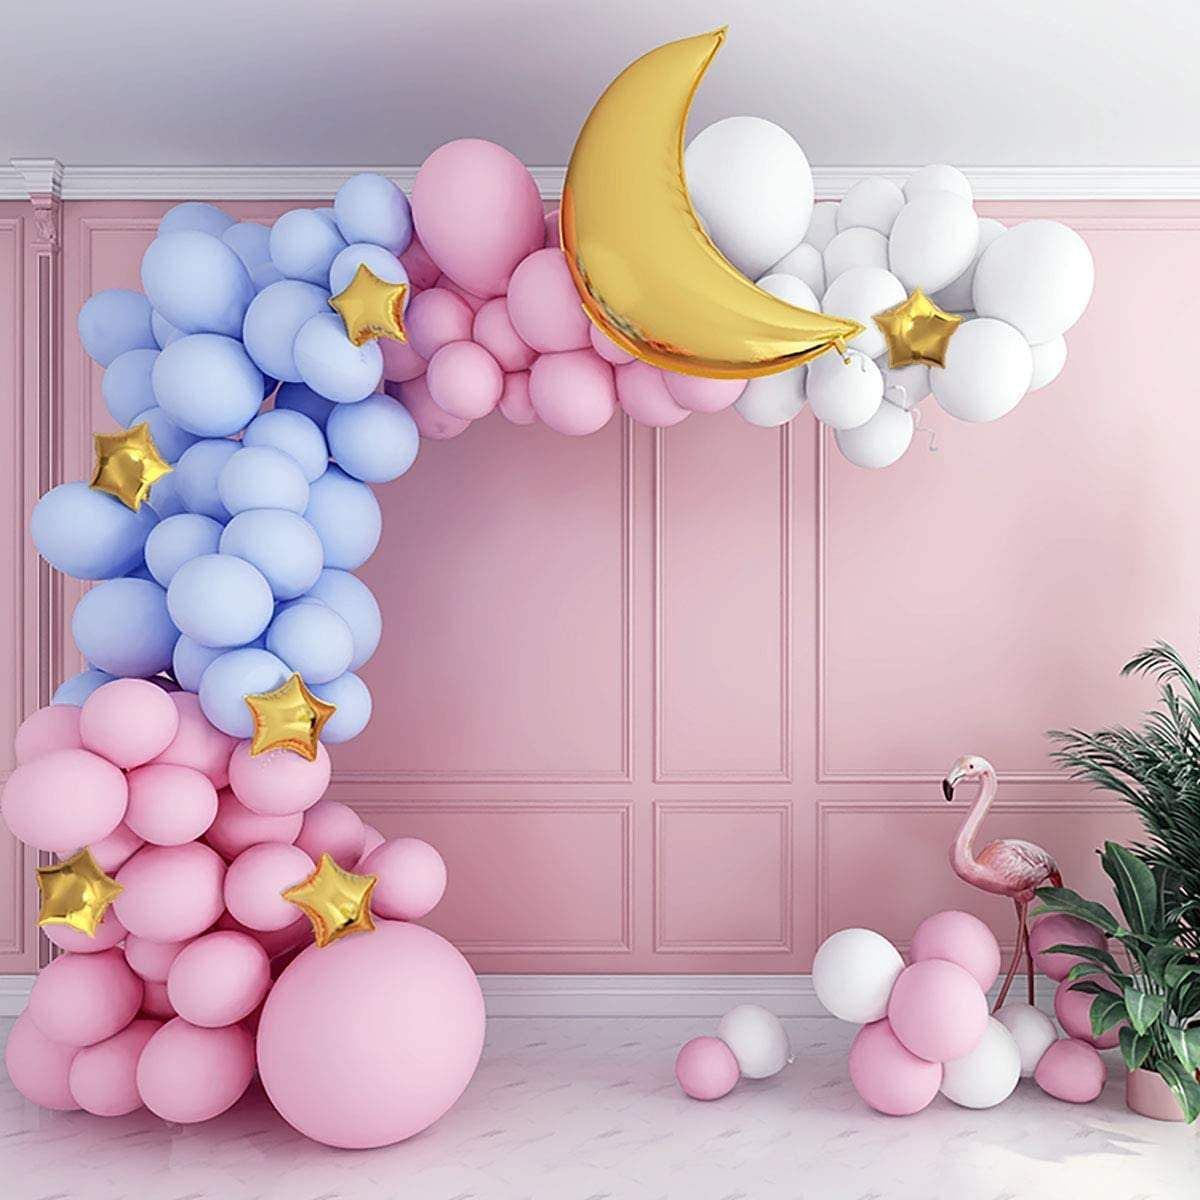 Pastel Gender Reveal Balloon Garland Kit In 2021 Gender Reveal Balloons Pastel Balloons Balloon Garland